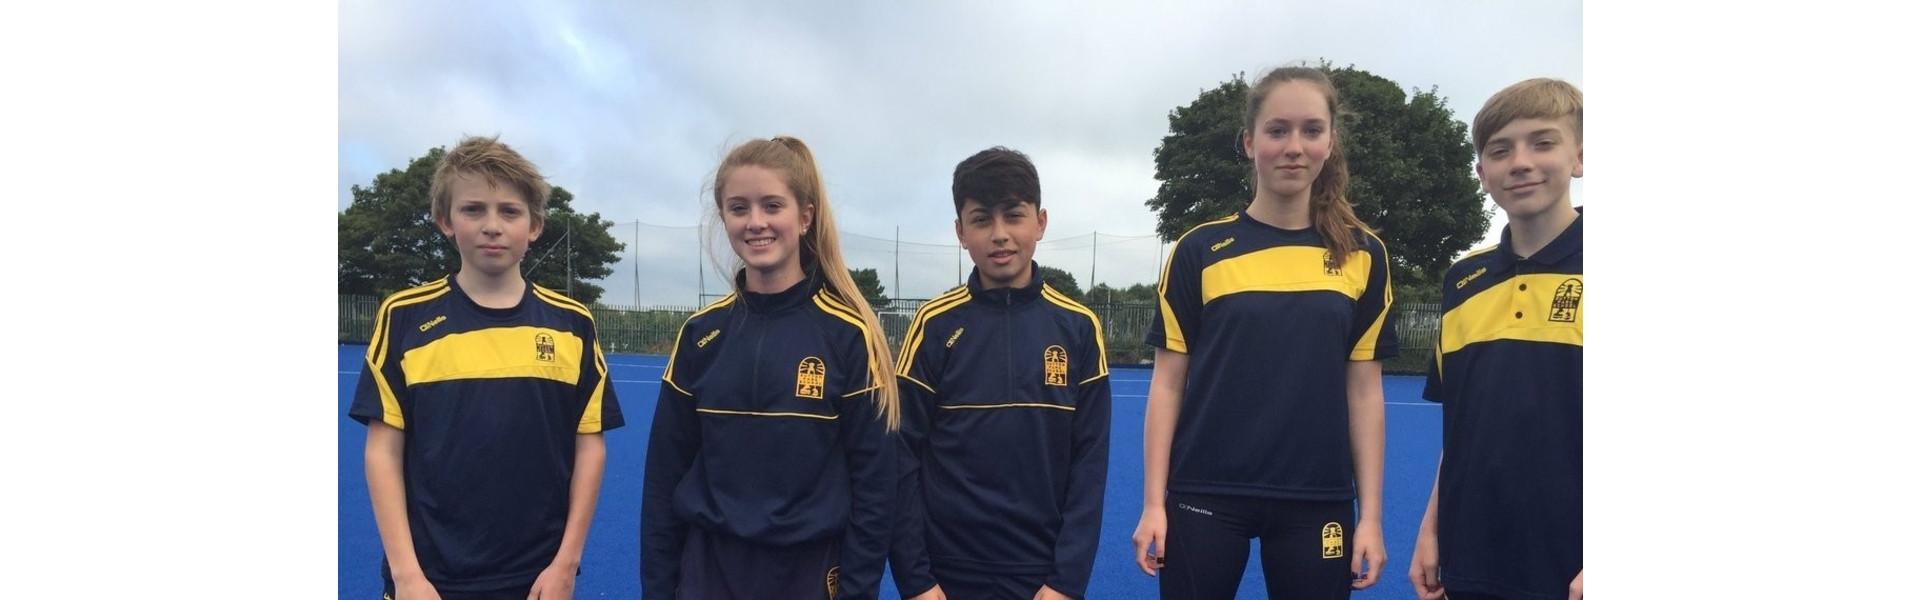 Sutton Park School students